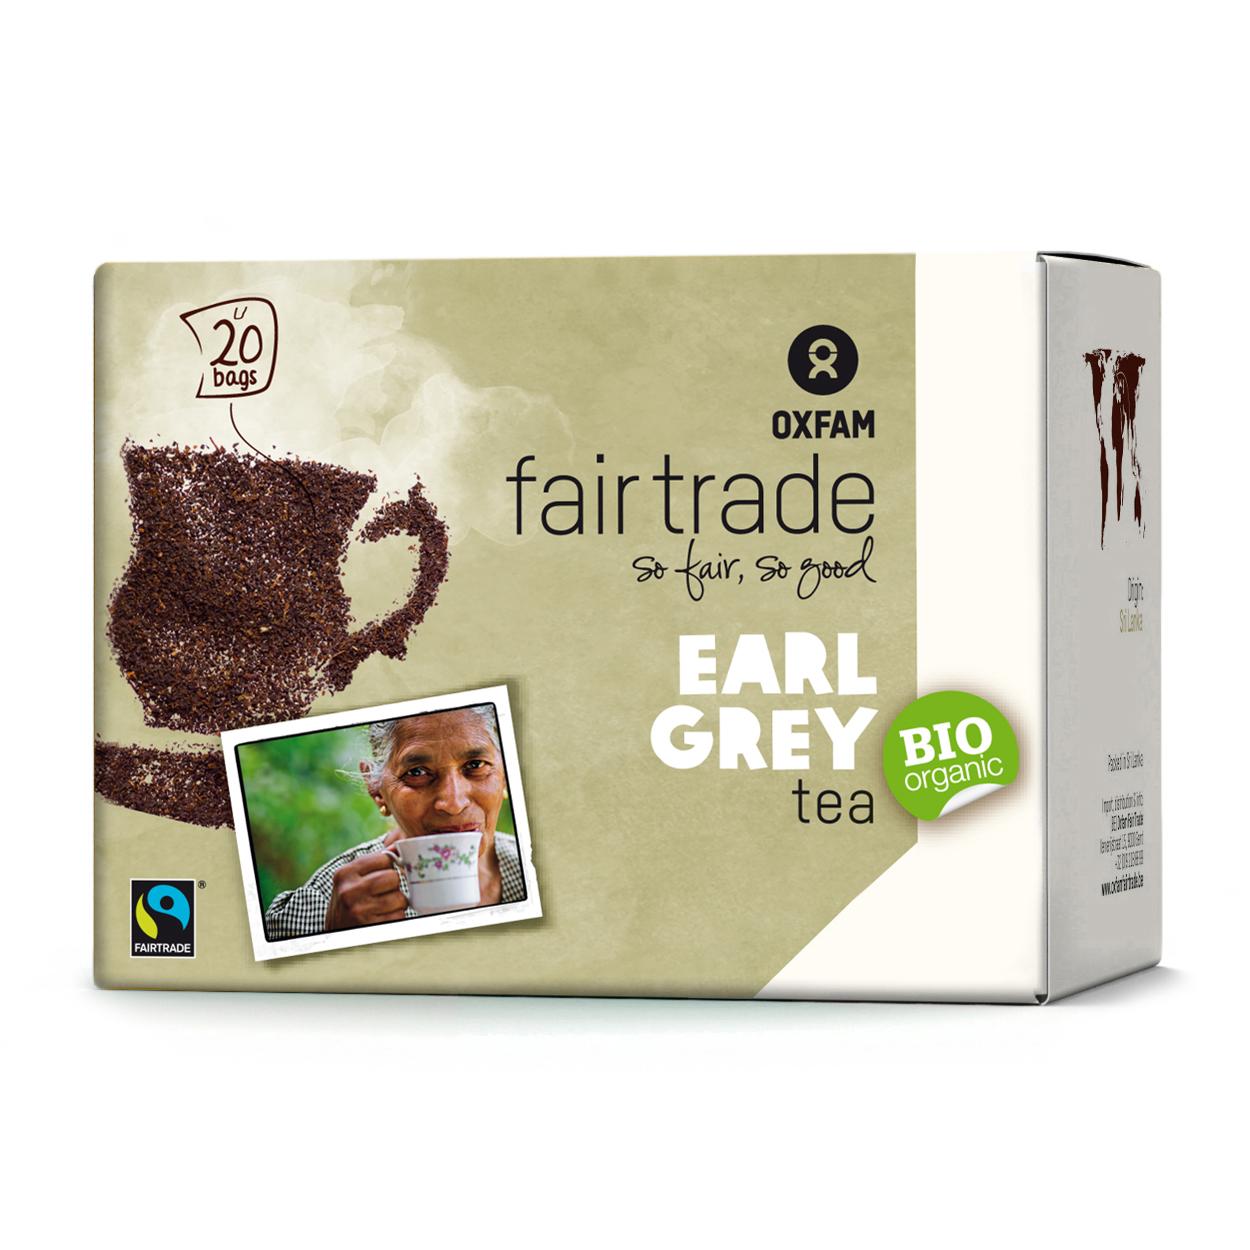 Oxfam Fair Trade 23505